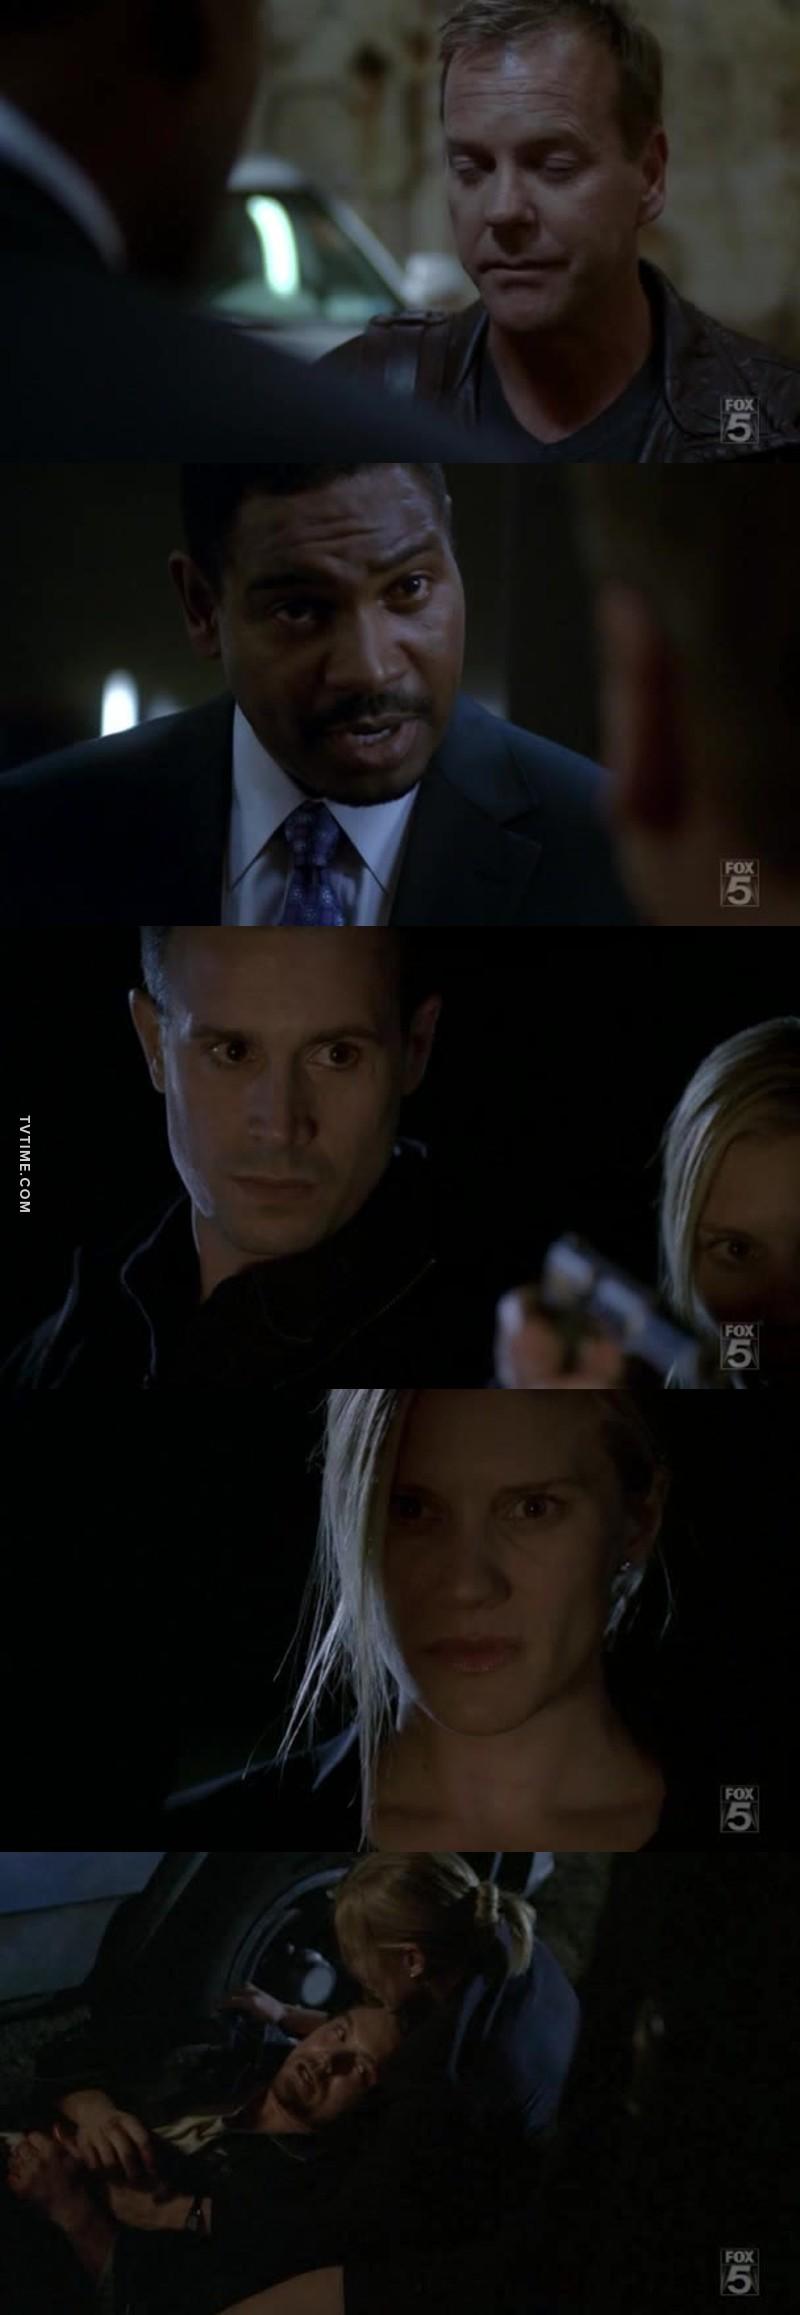 Jack de retour comme agent il n'attendait que ça. Cole doit vraiment tomber de haut après ce qu'il vient d'apprendre sur Dana.